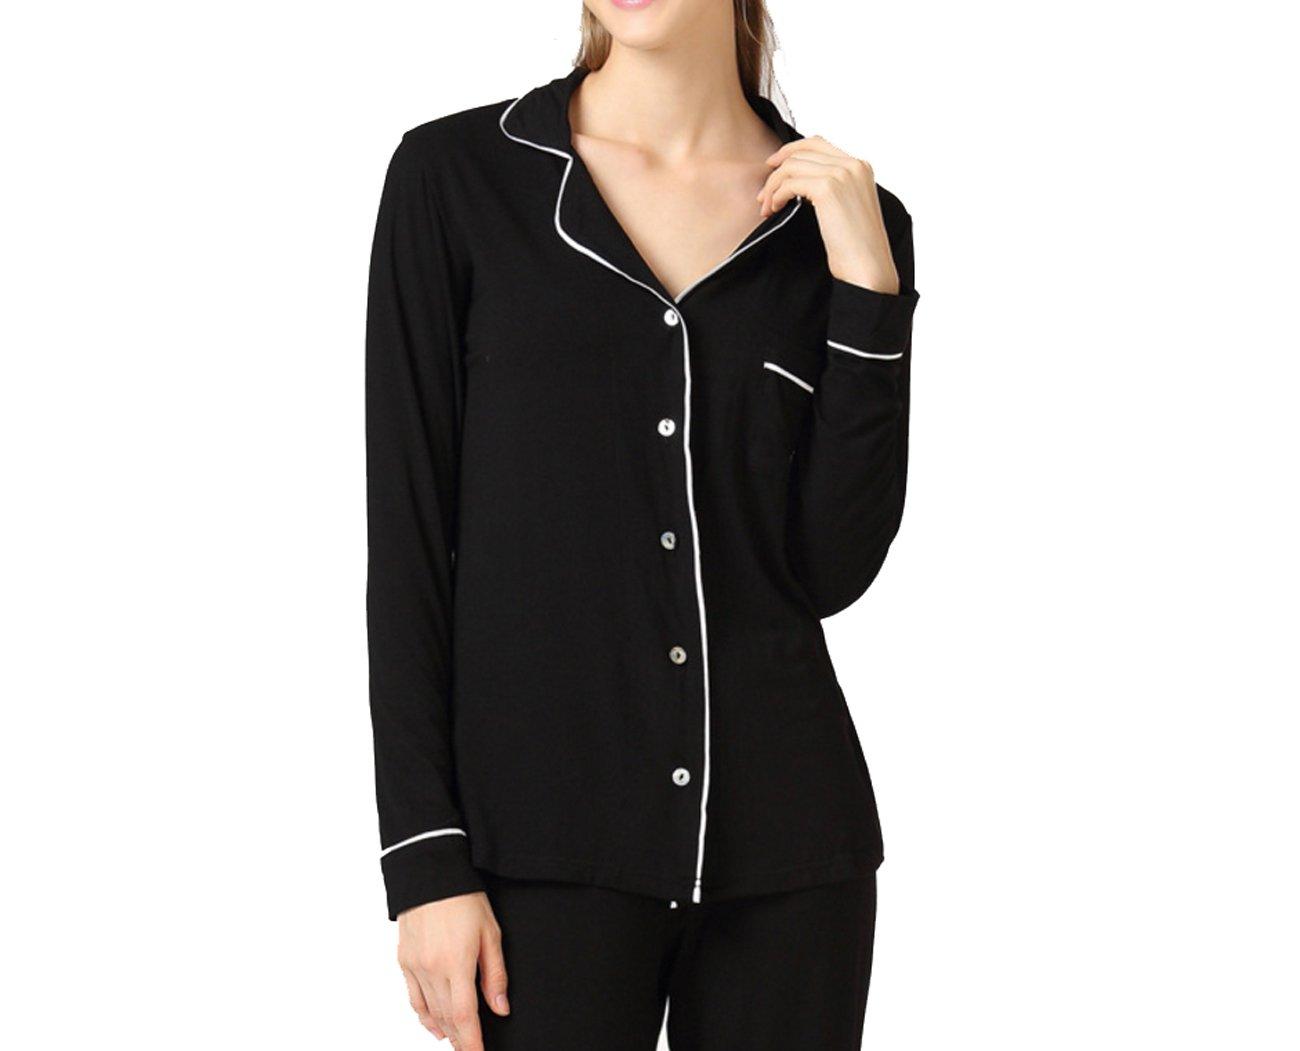 DANDANJIE Pijama Mujer Abotonado Mujer Pijama Pijama Sra. Autumn Pijamas Pijama casa Conjunto Modal Pijama Súper Suave de Gran tamaño Sra. Pijama de Dos Piezas Casual (Color : negro, tamaño : XXXL) 8146a1